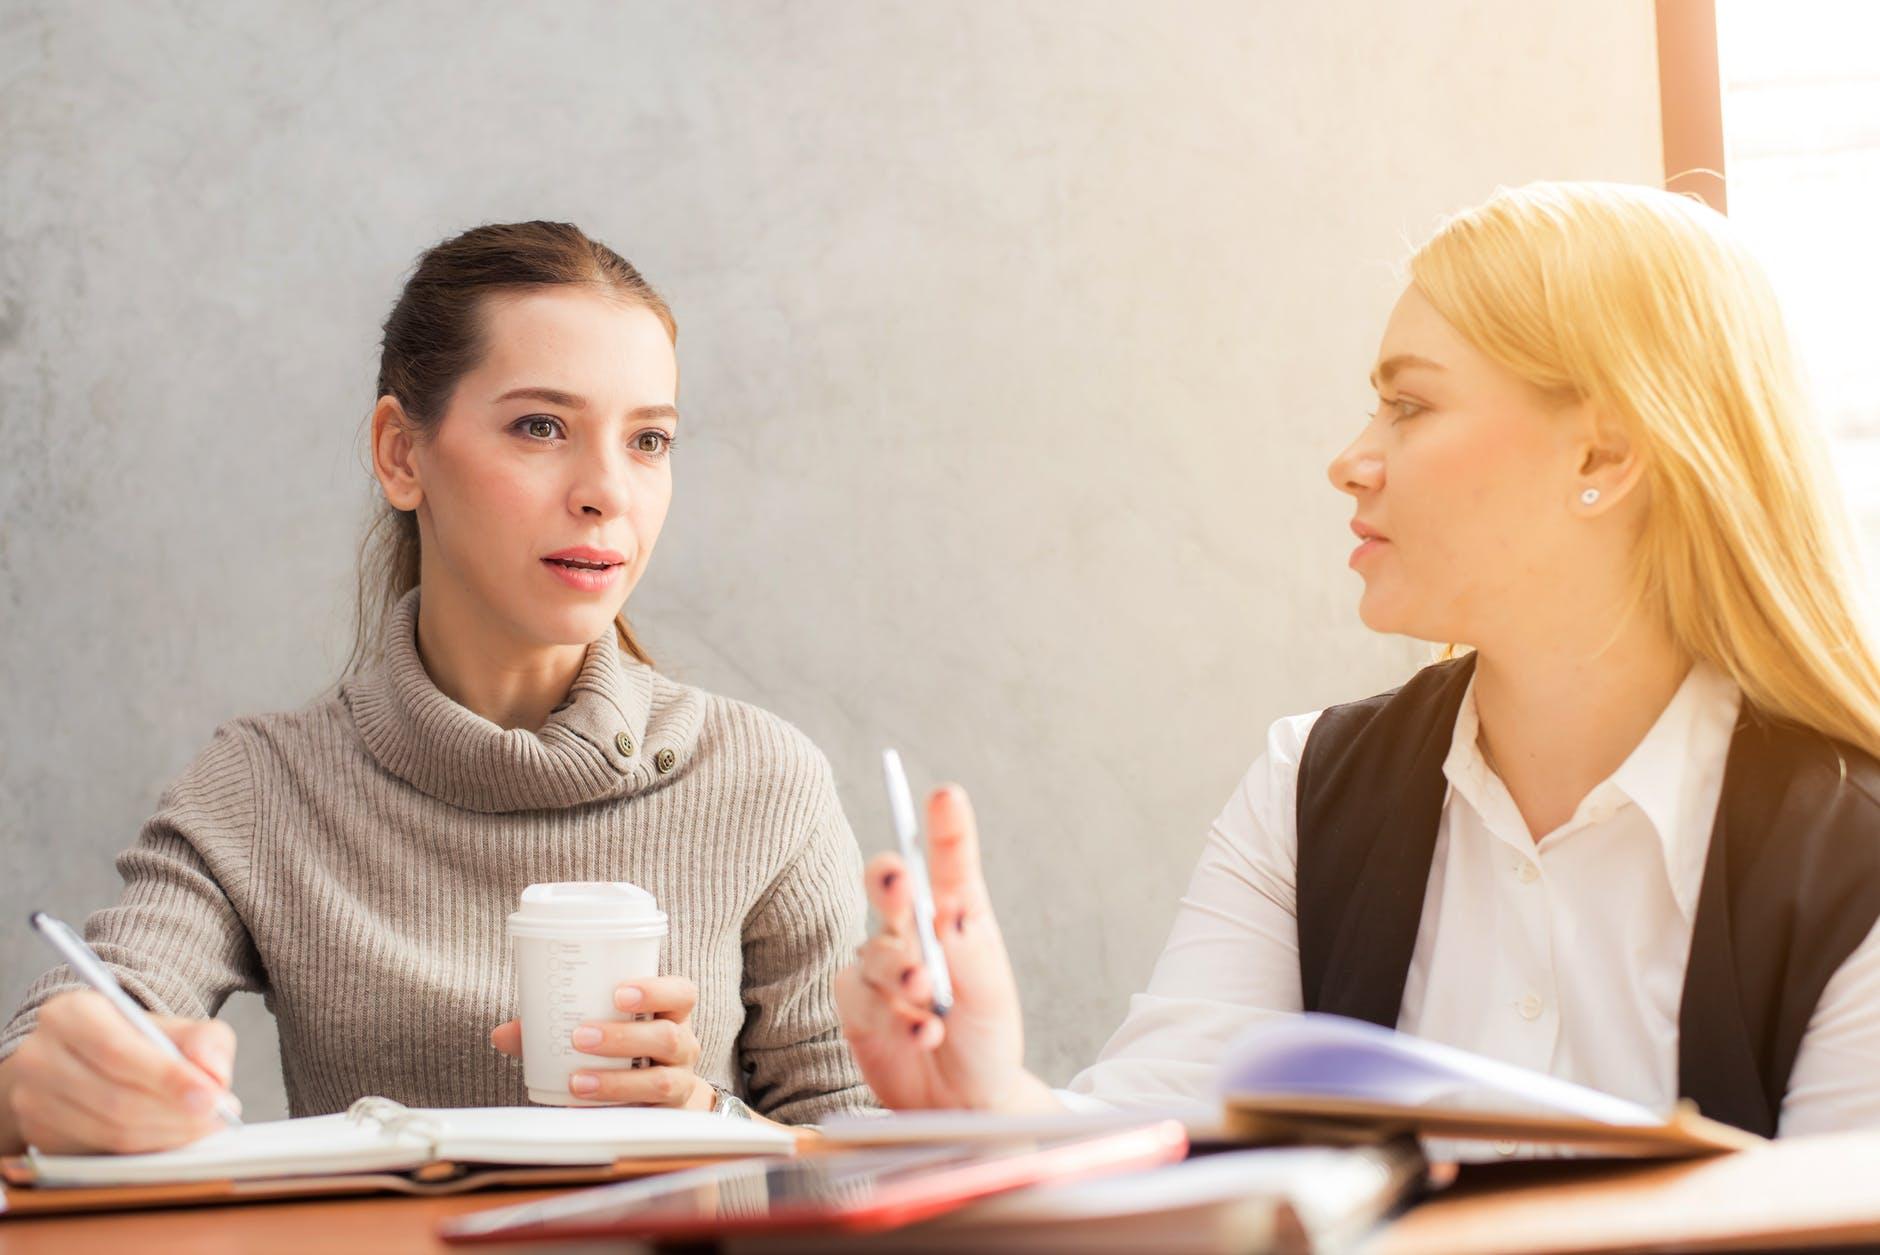 8 Pertanyaan Penting Yang Harus Ditanyakan Setiap Pemilik Bisnis di Tengah Wabah Covid-19